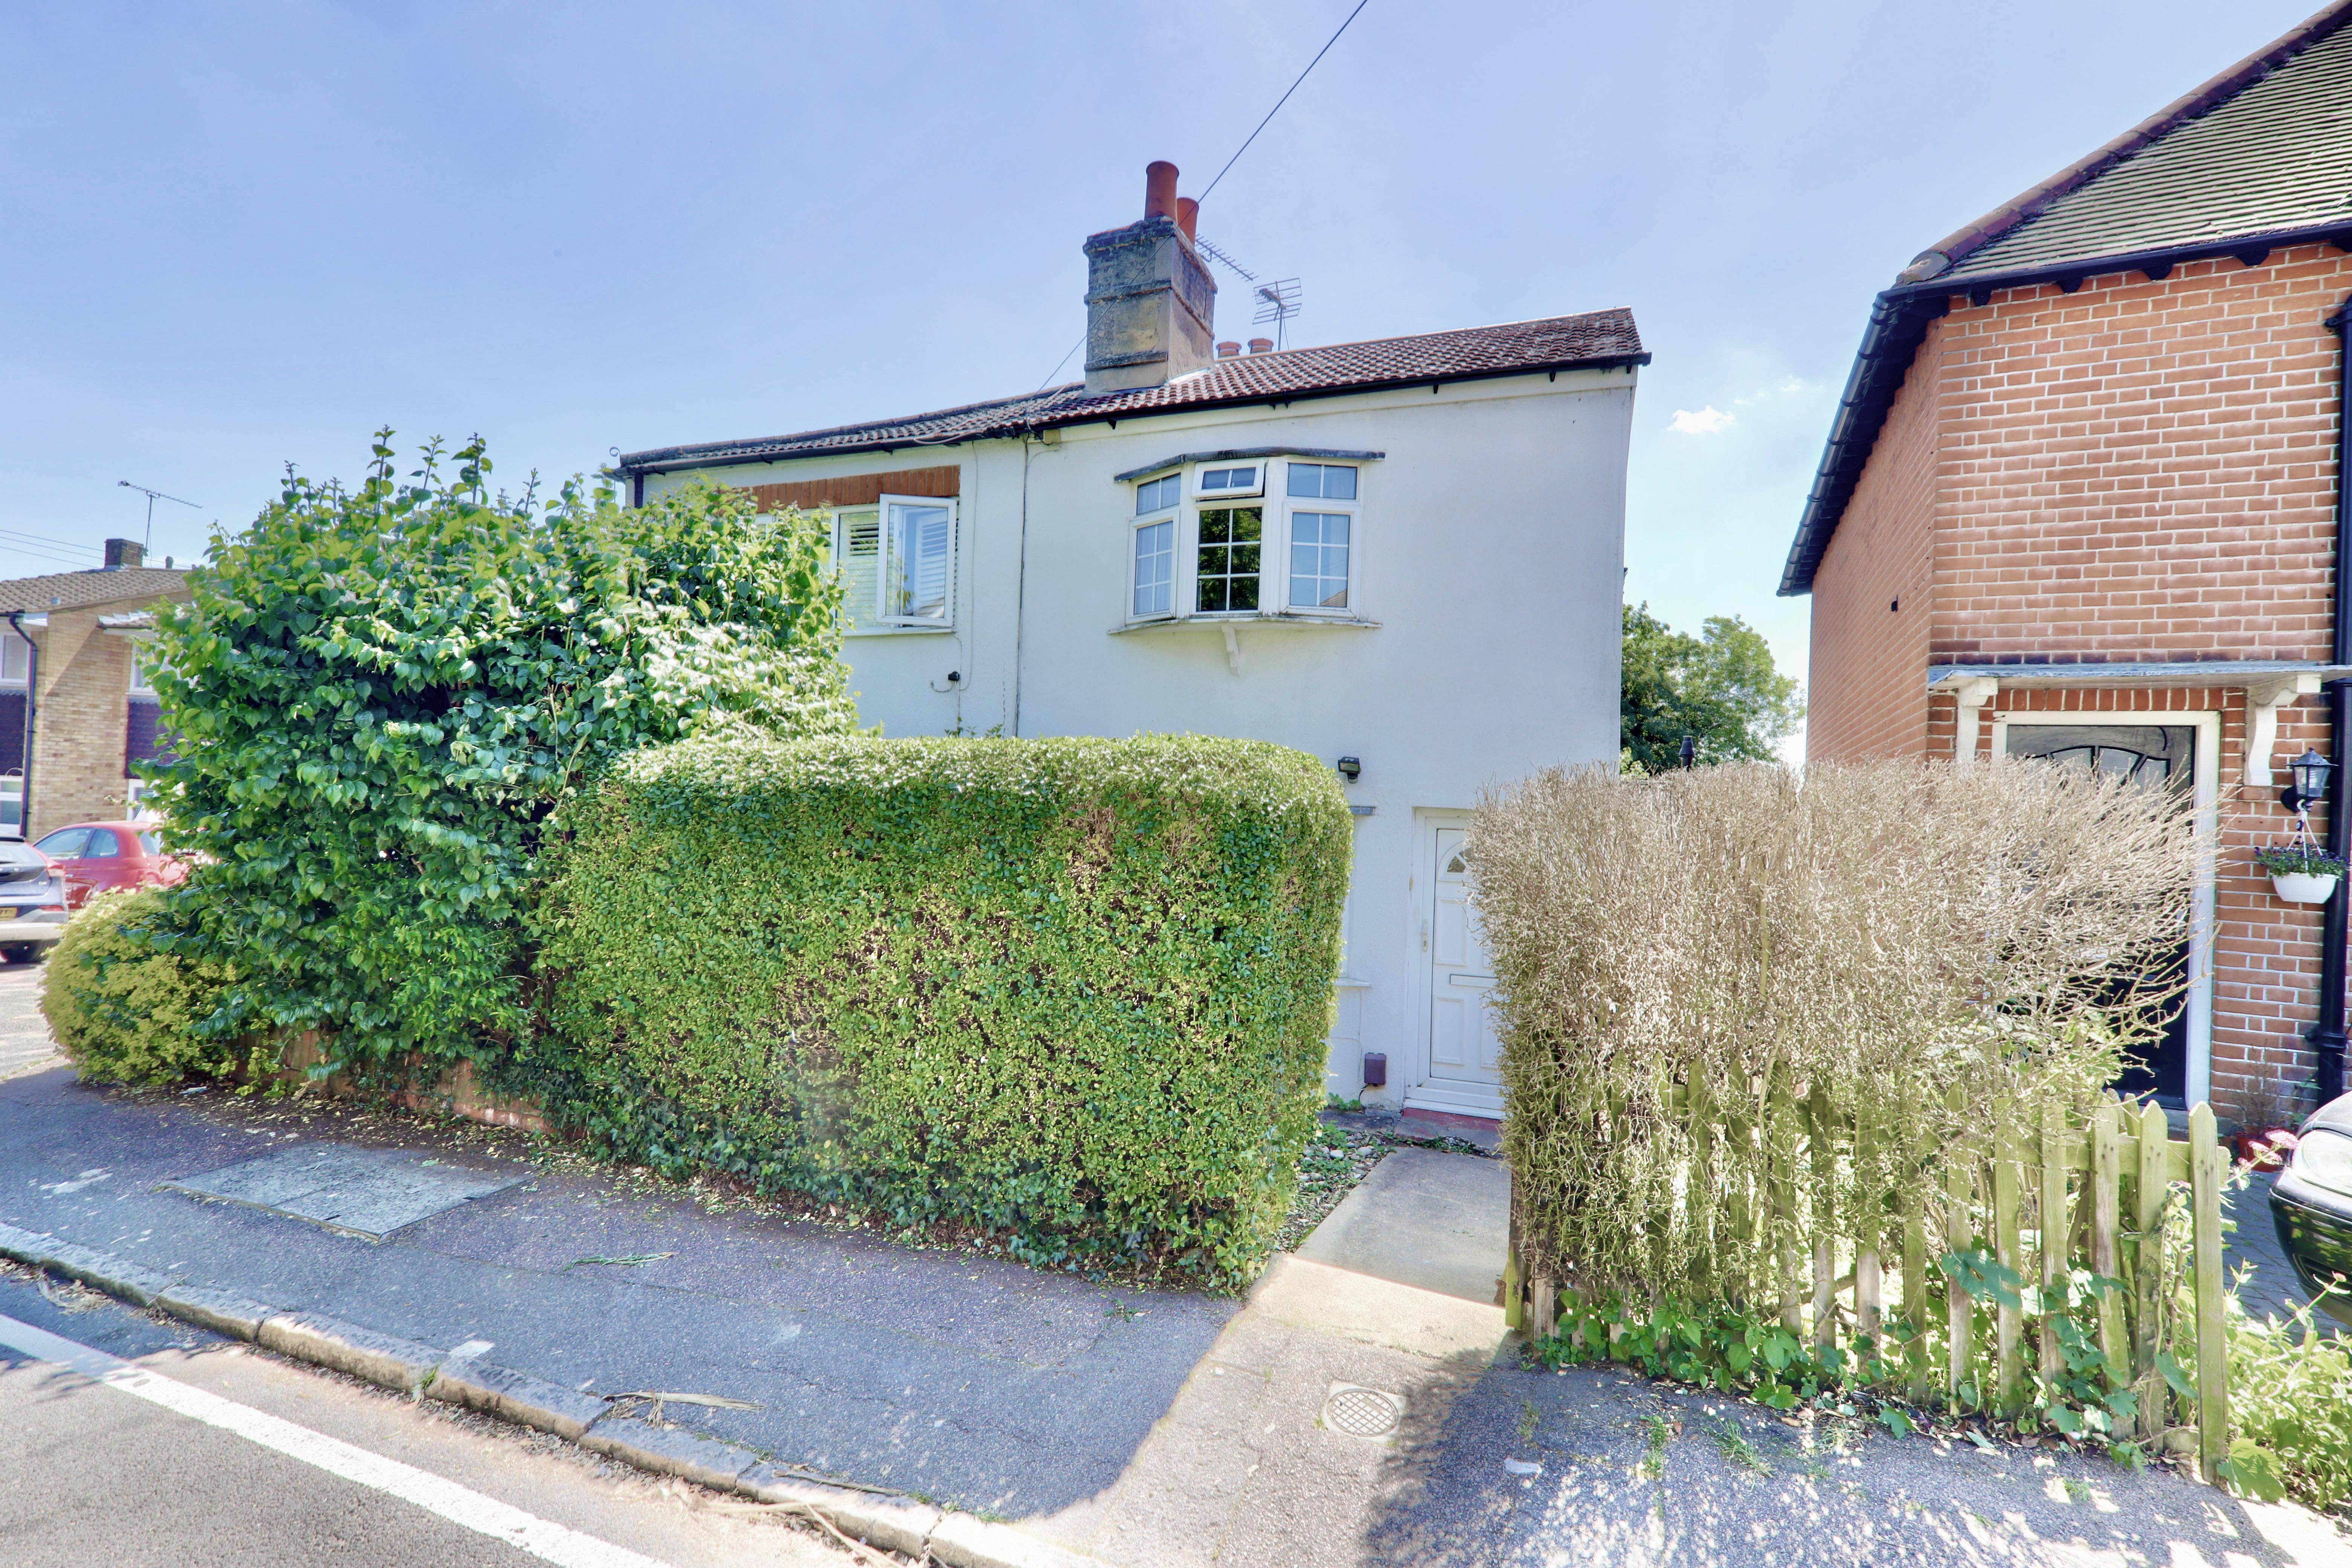 Englands Lane, Loughton, Essex